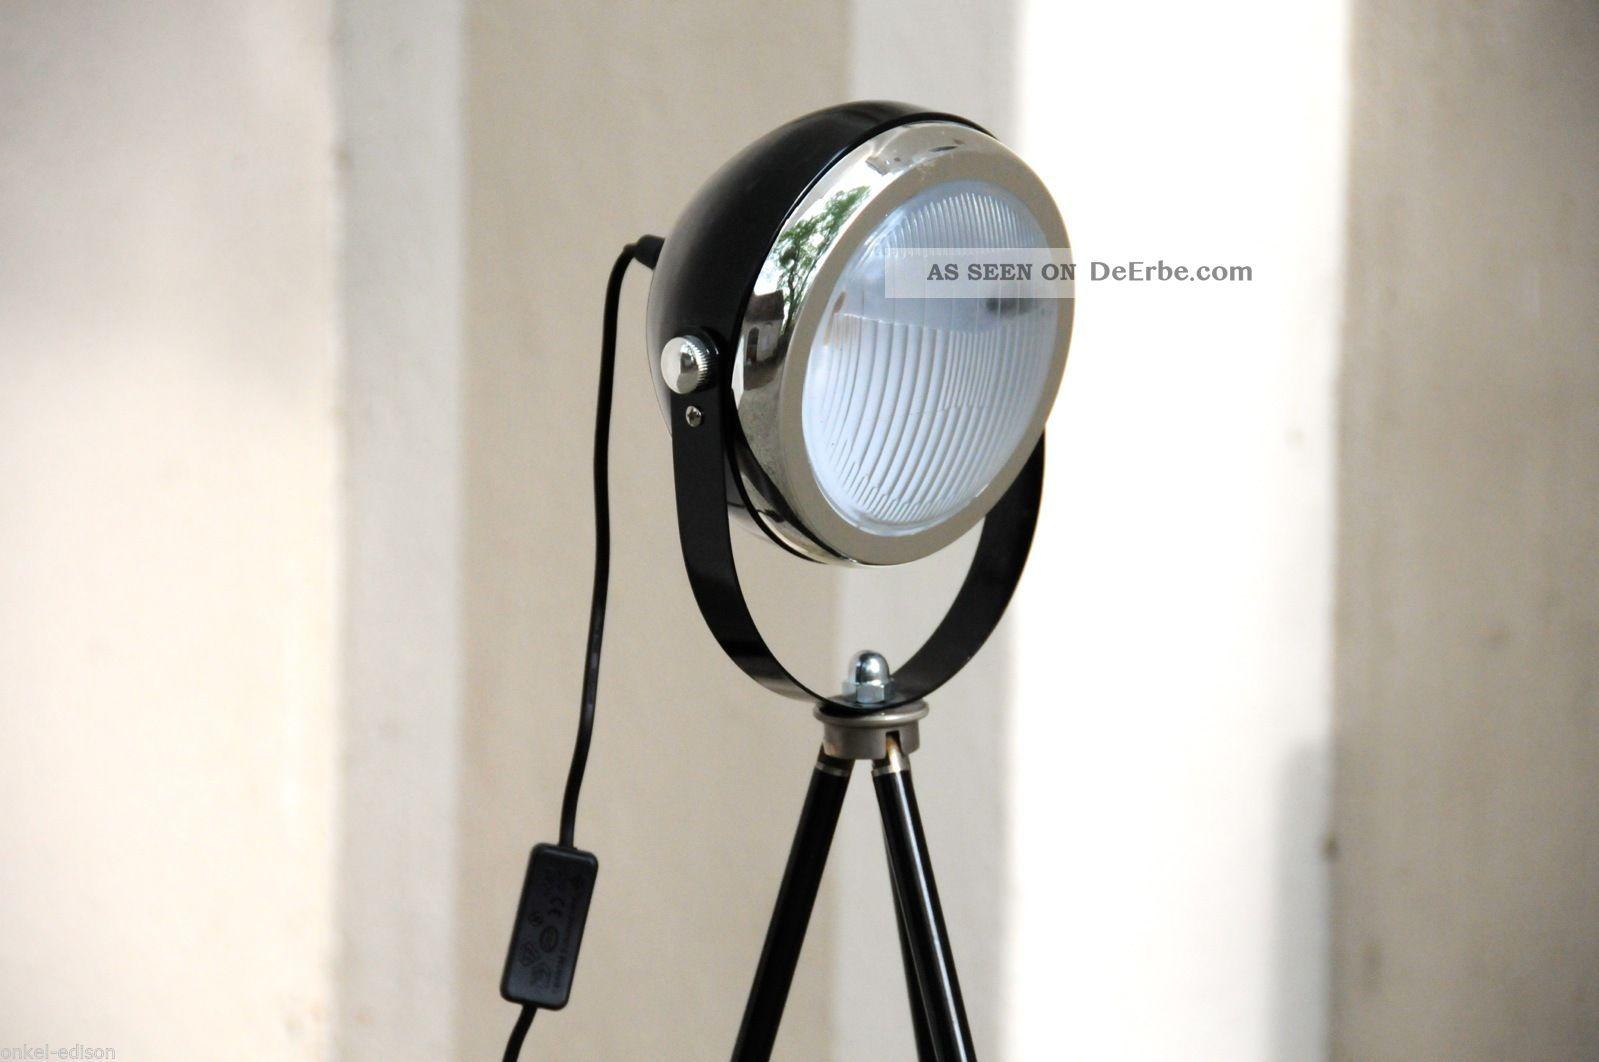 tripod lampe manufaktur stehlampe schwarz auf antikem fotostativ bauhaus stil. Black Bedroom Furniture Sets. Home Design Ideas